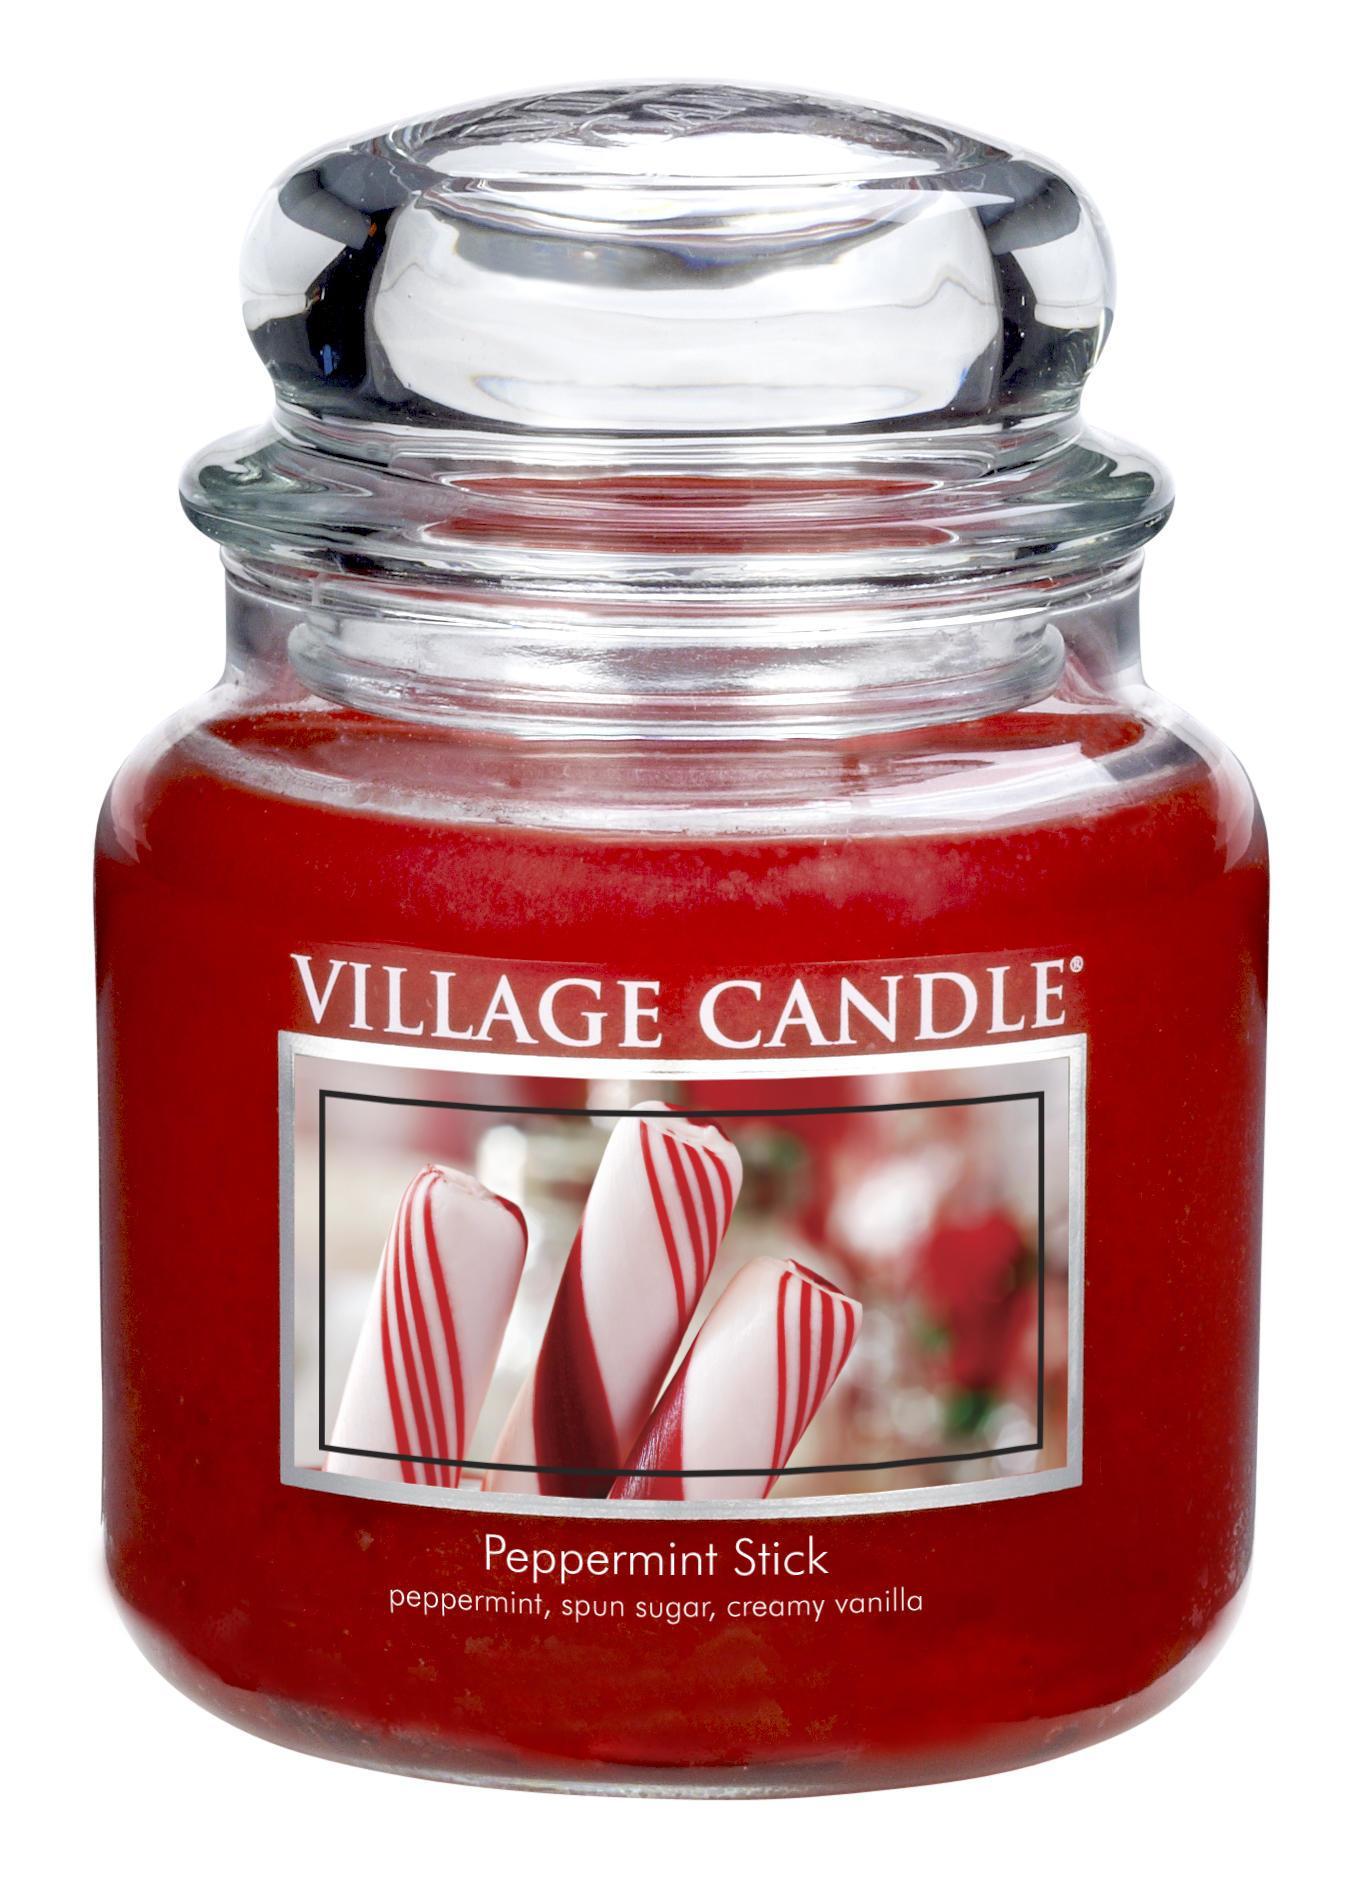 VILLAGE CANDLE Svíčka ve skle Peppermint Stick - střední, červená barva, sklo, vosk